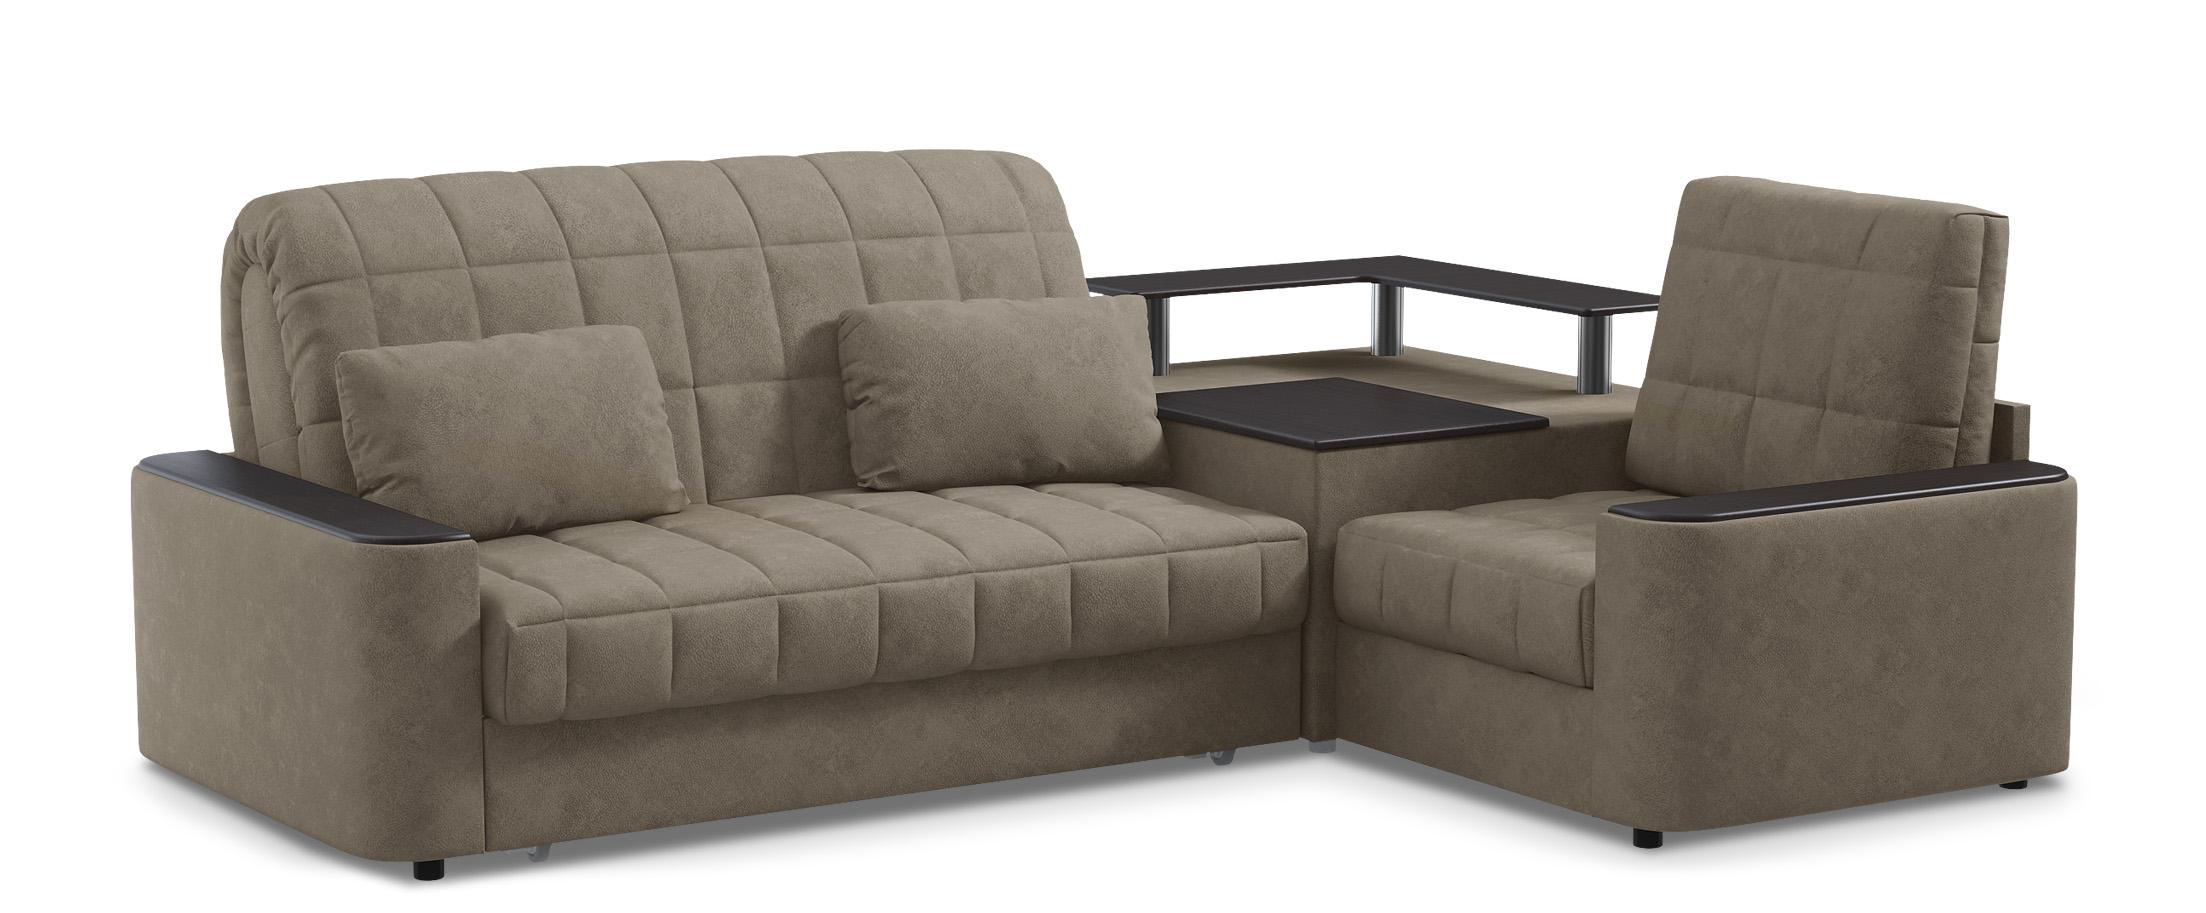 Диван угловой аккордеон Даллас 018Гостевой вариант и полноценное спальное место. Размеры 246х183х90 см. Купить серый диван аккордеон с черным декором в интернет-магазине MOON-TRADE.RU<br>